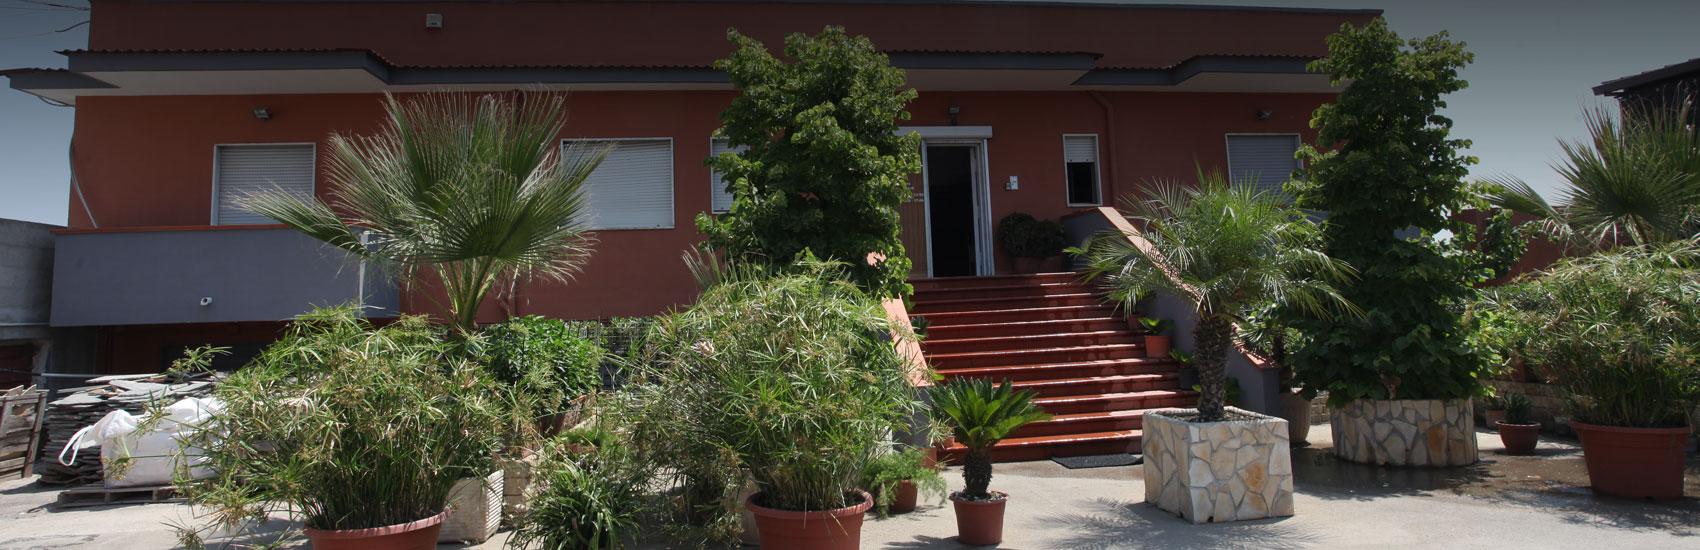 cime srl COMMERCIO INDUSTRIA MATERIALI EDILI napoli e provincia ed in italia